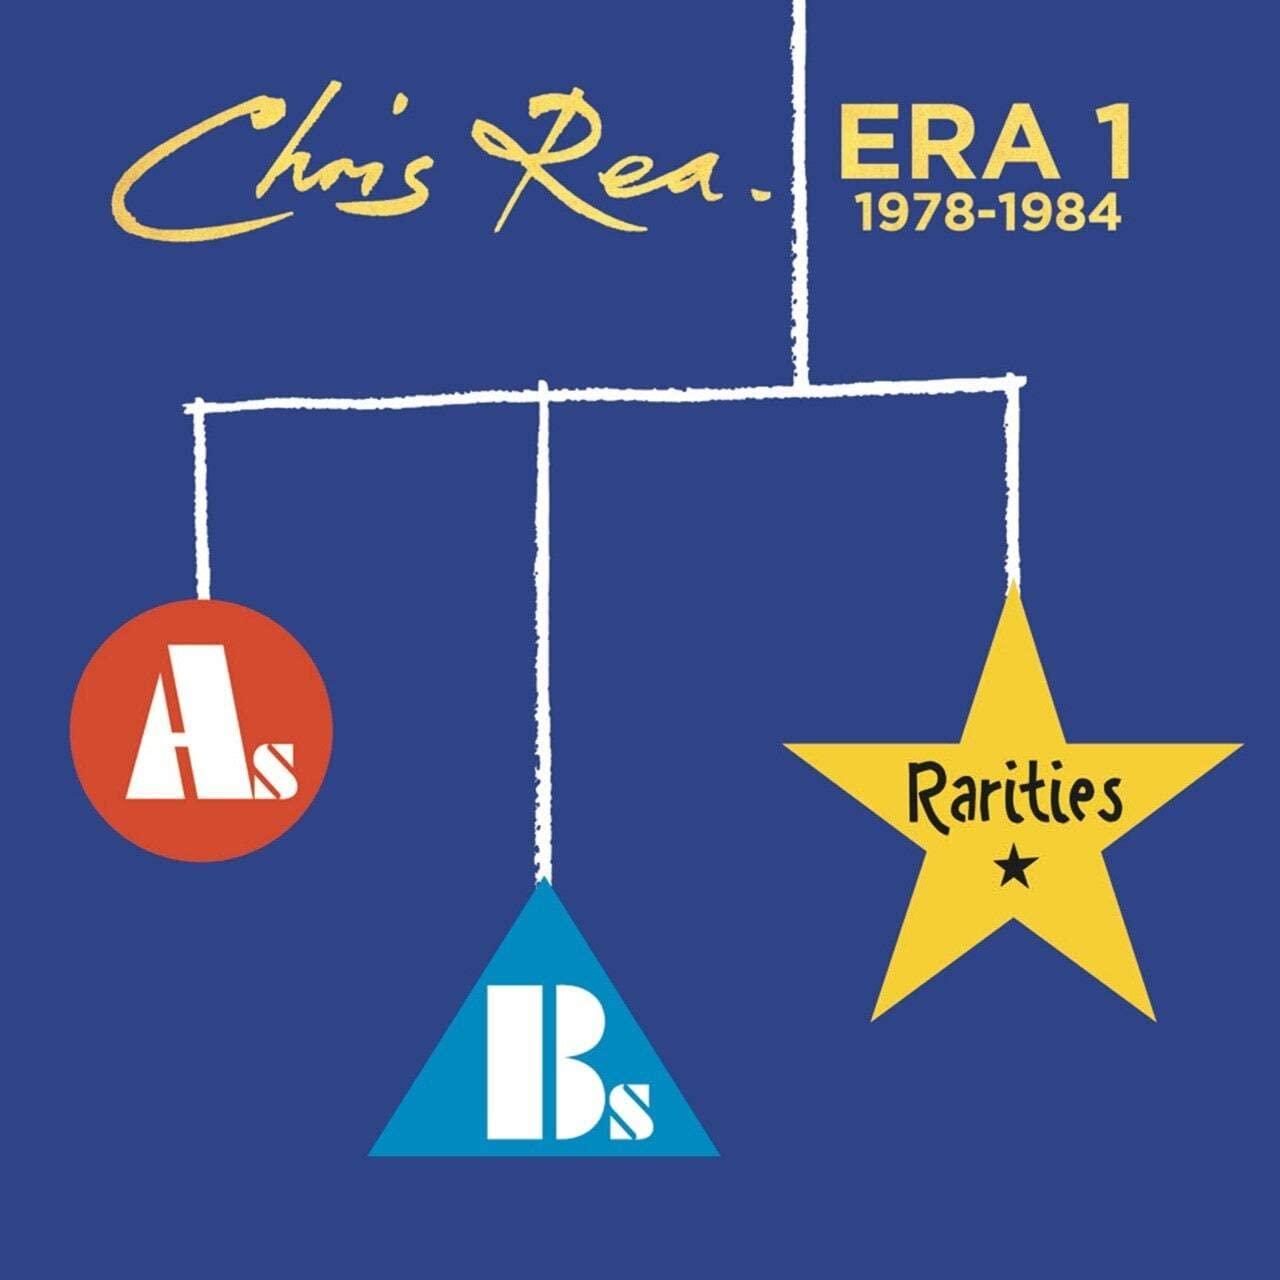 chris rea_era1